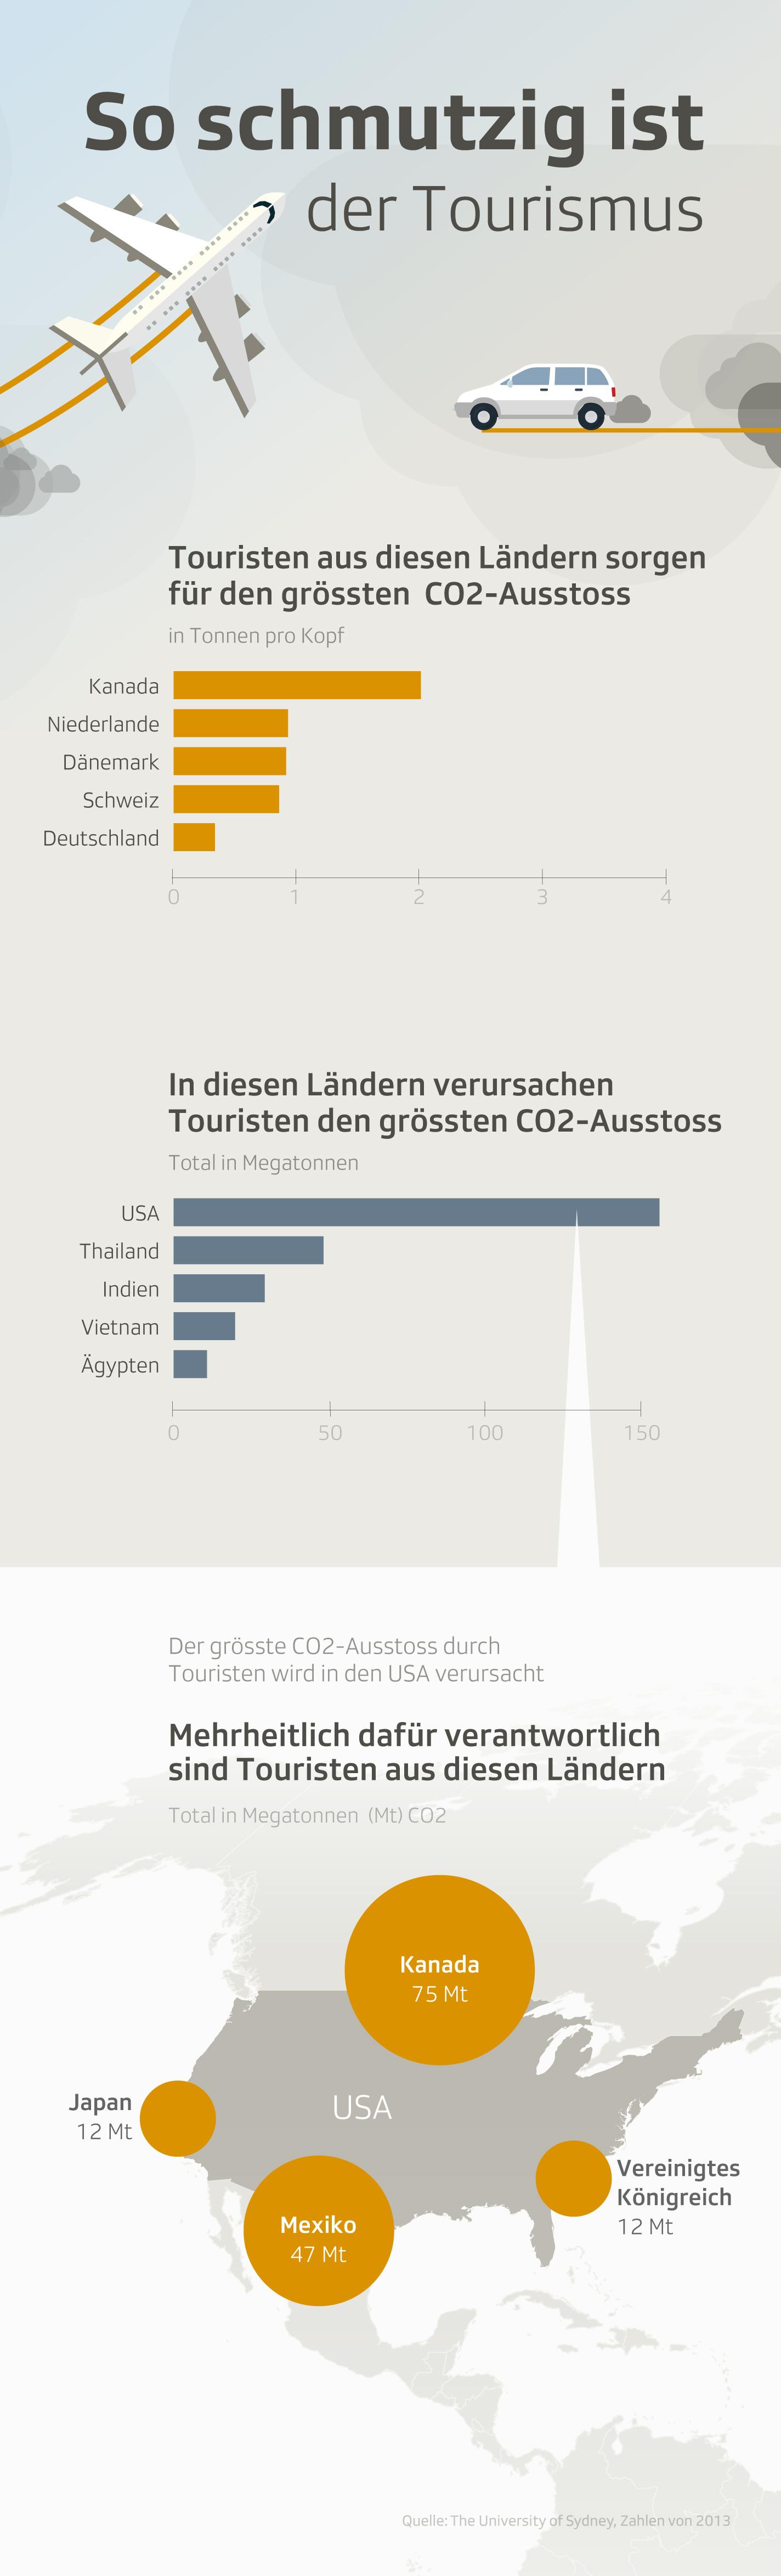 Infografik zeigt Zahlen zur Umweltverschmutzung durch Tourismus